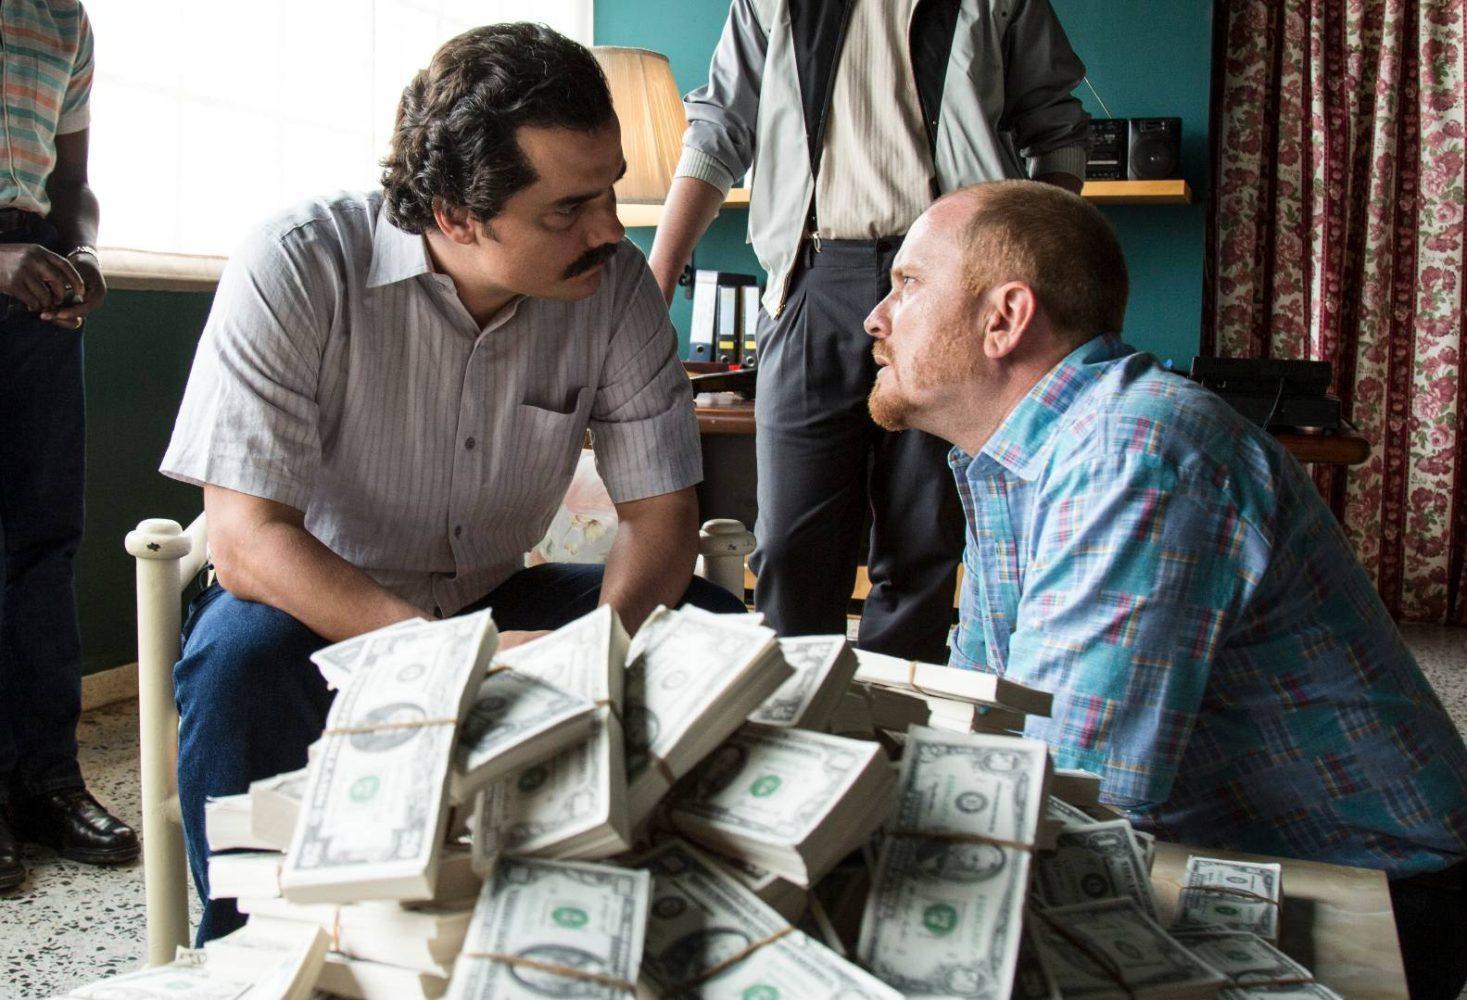 Cerca de 60 millones de dólares eran producidos diariamente, por lo que Pablo Escobar nunca debió escatimar en lo que a sobornos refiere